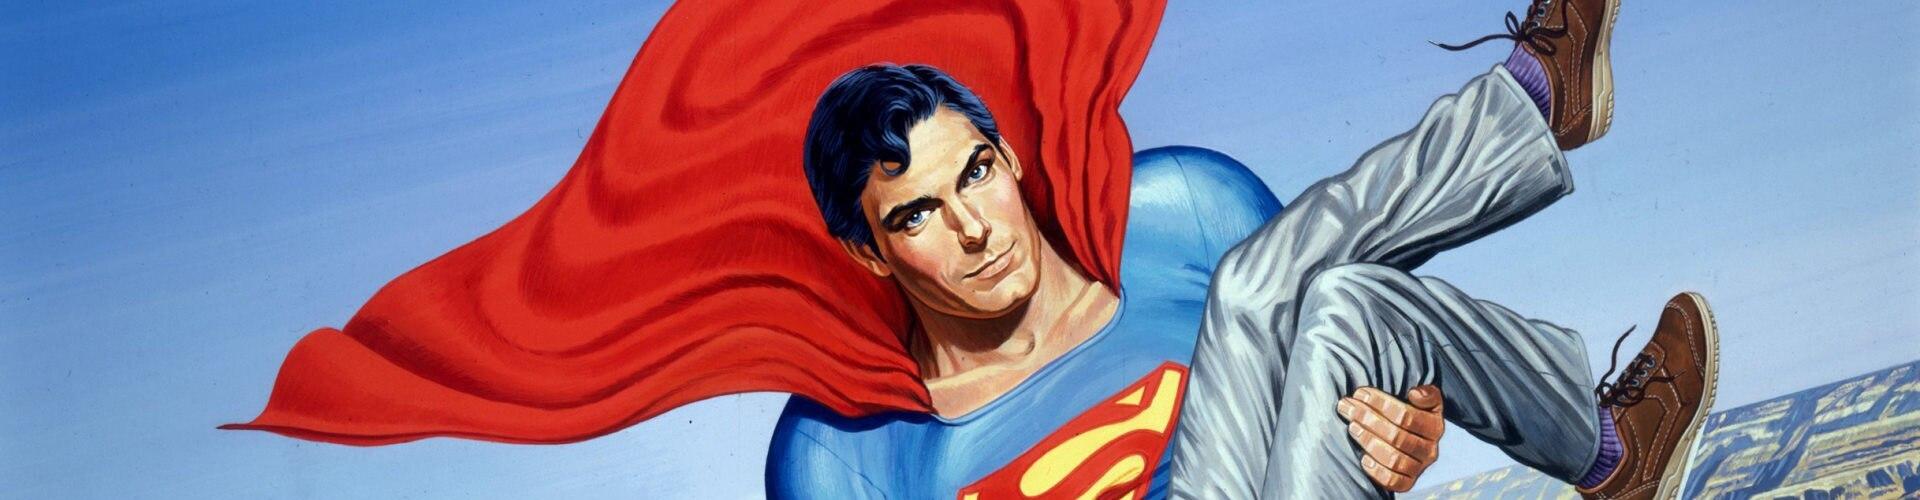 Watch Superman III Online